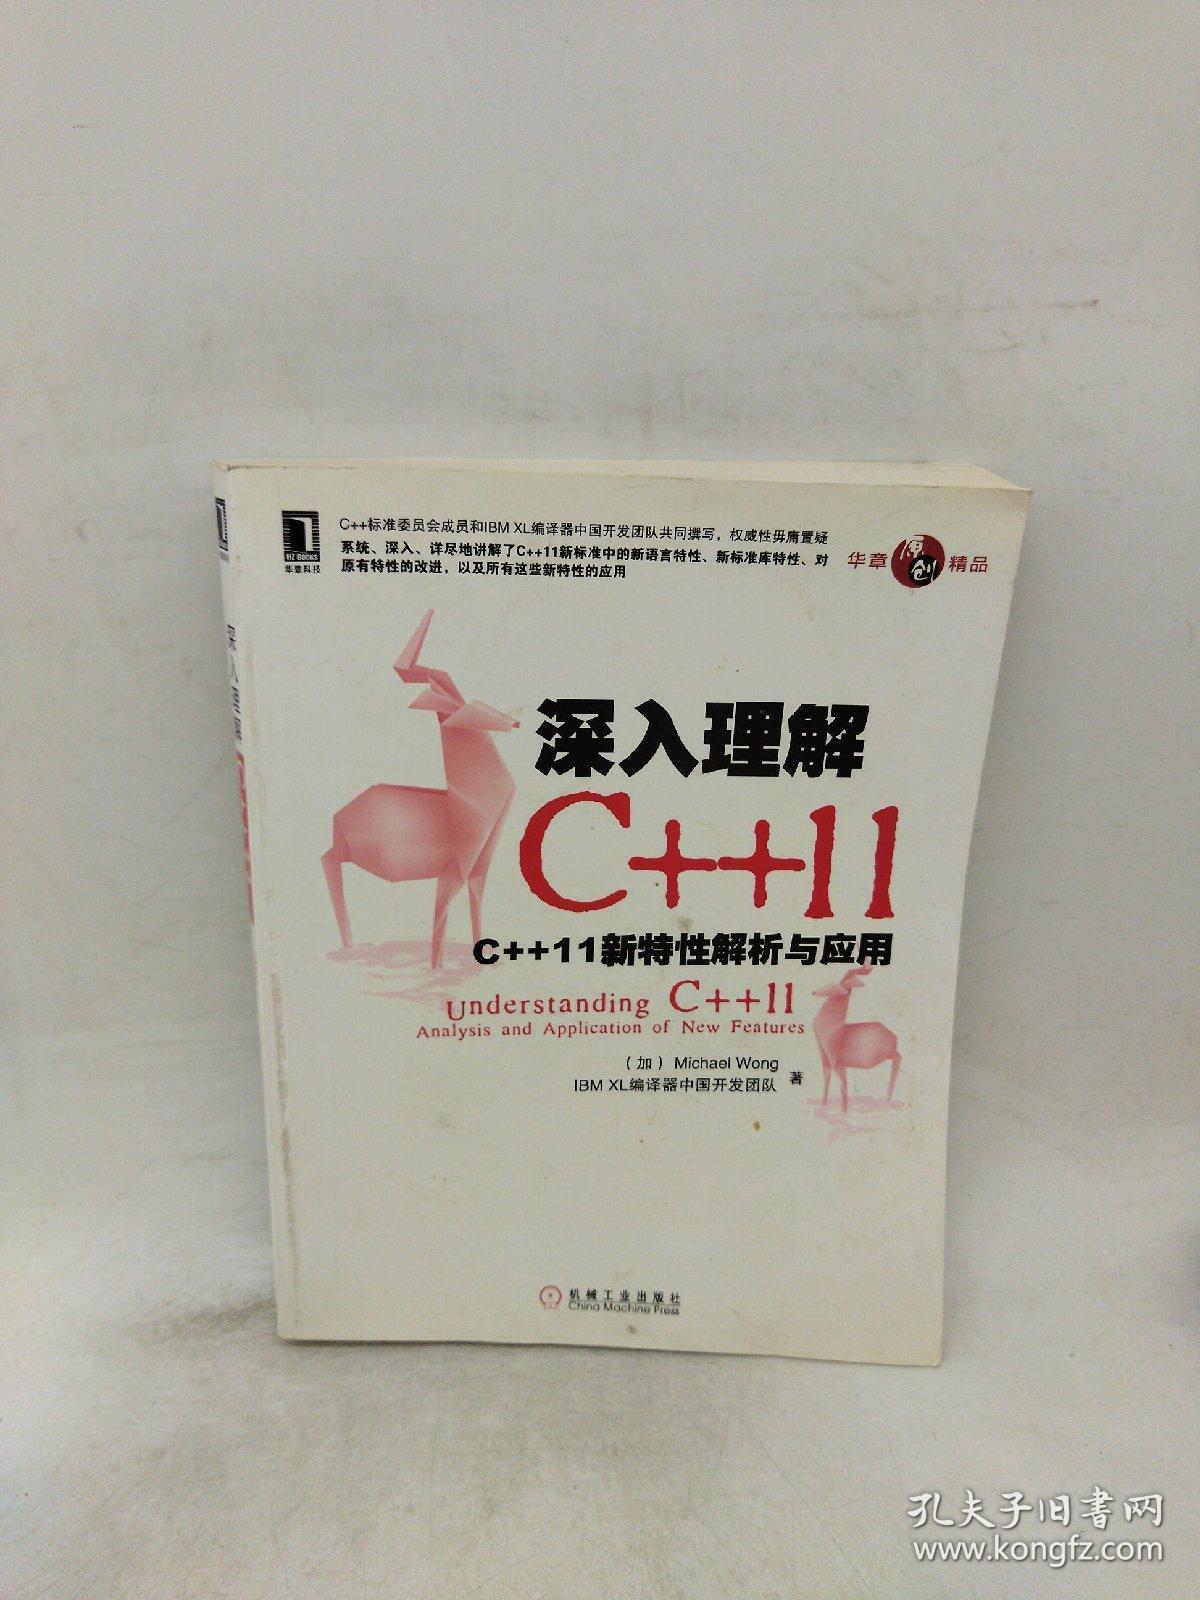 深入理解C++11:C++ 11新特性解析与应用